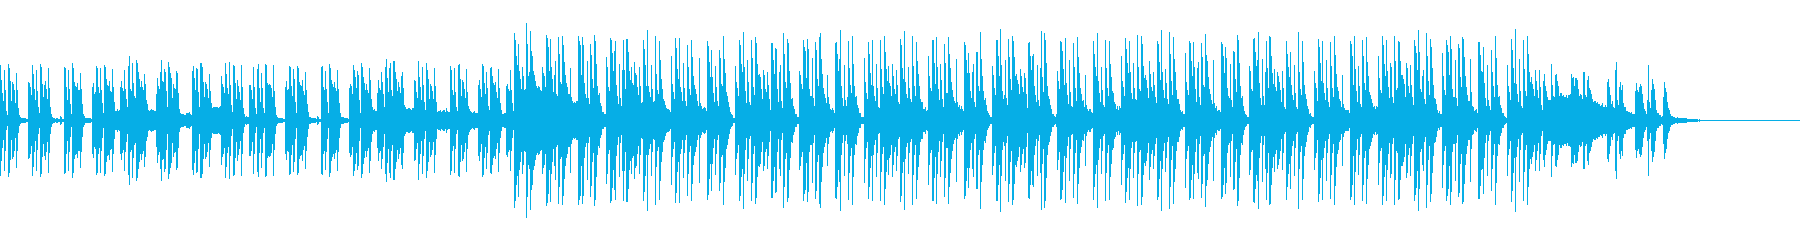 コーポレートテクスチャ―9の再生済みの波形